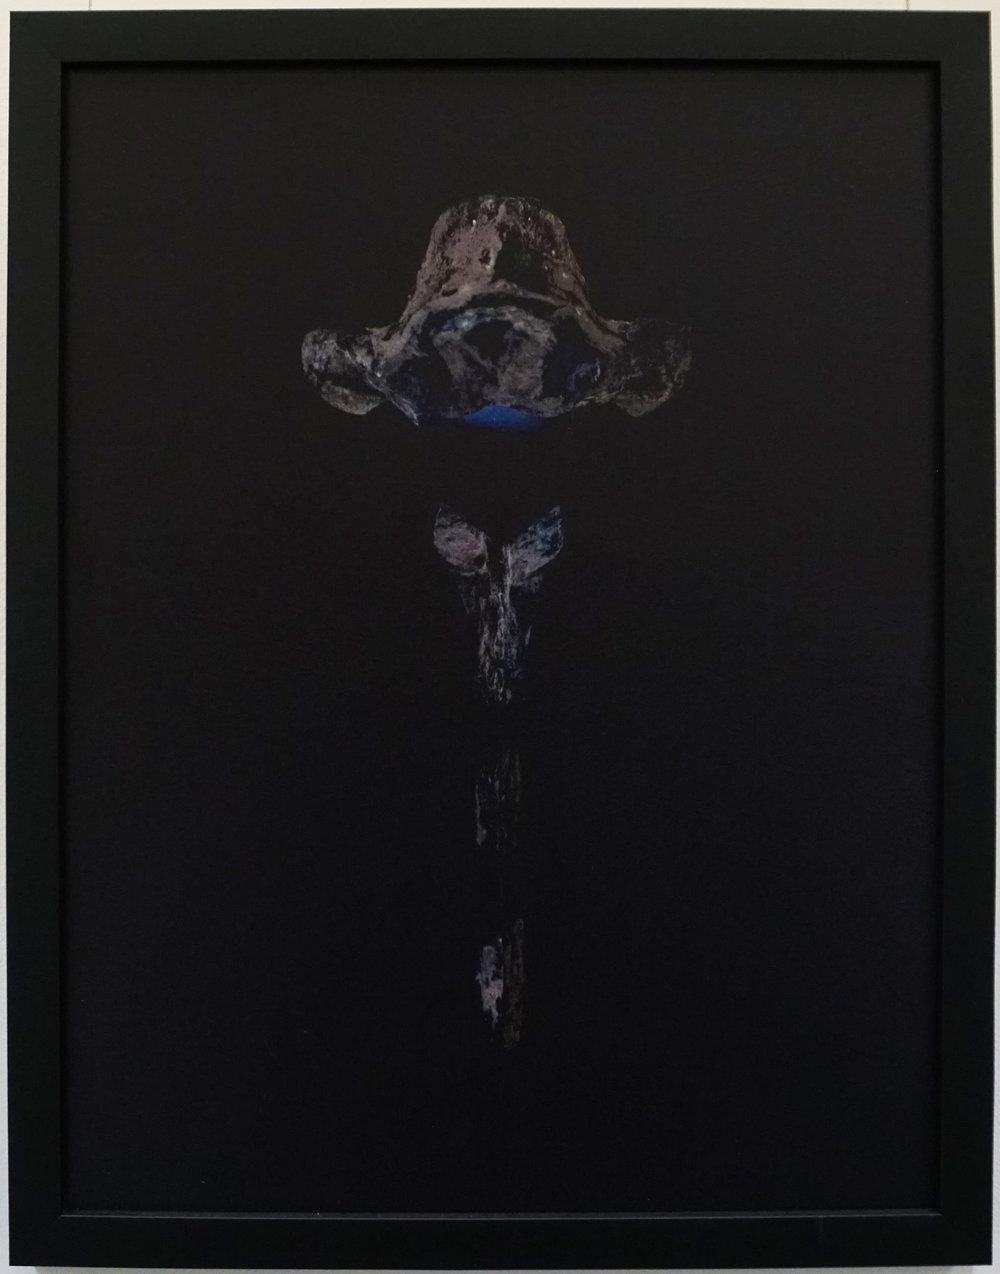 9. Stephanie Reisch, The Emperor, 2015, pigment on gesso panel, 35 x 45 cm, $400